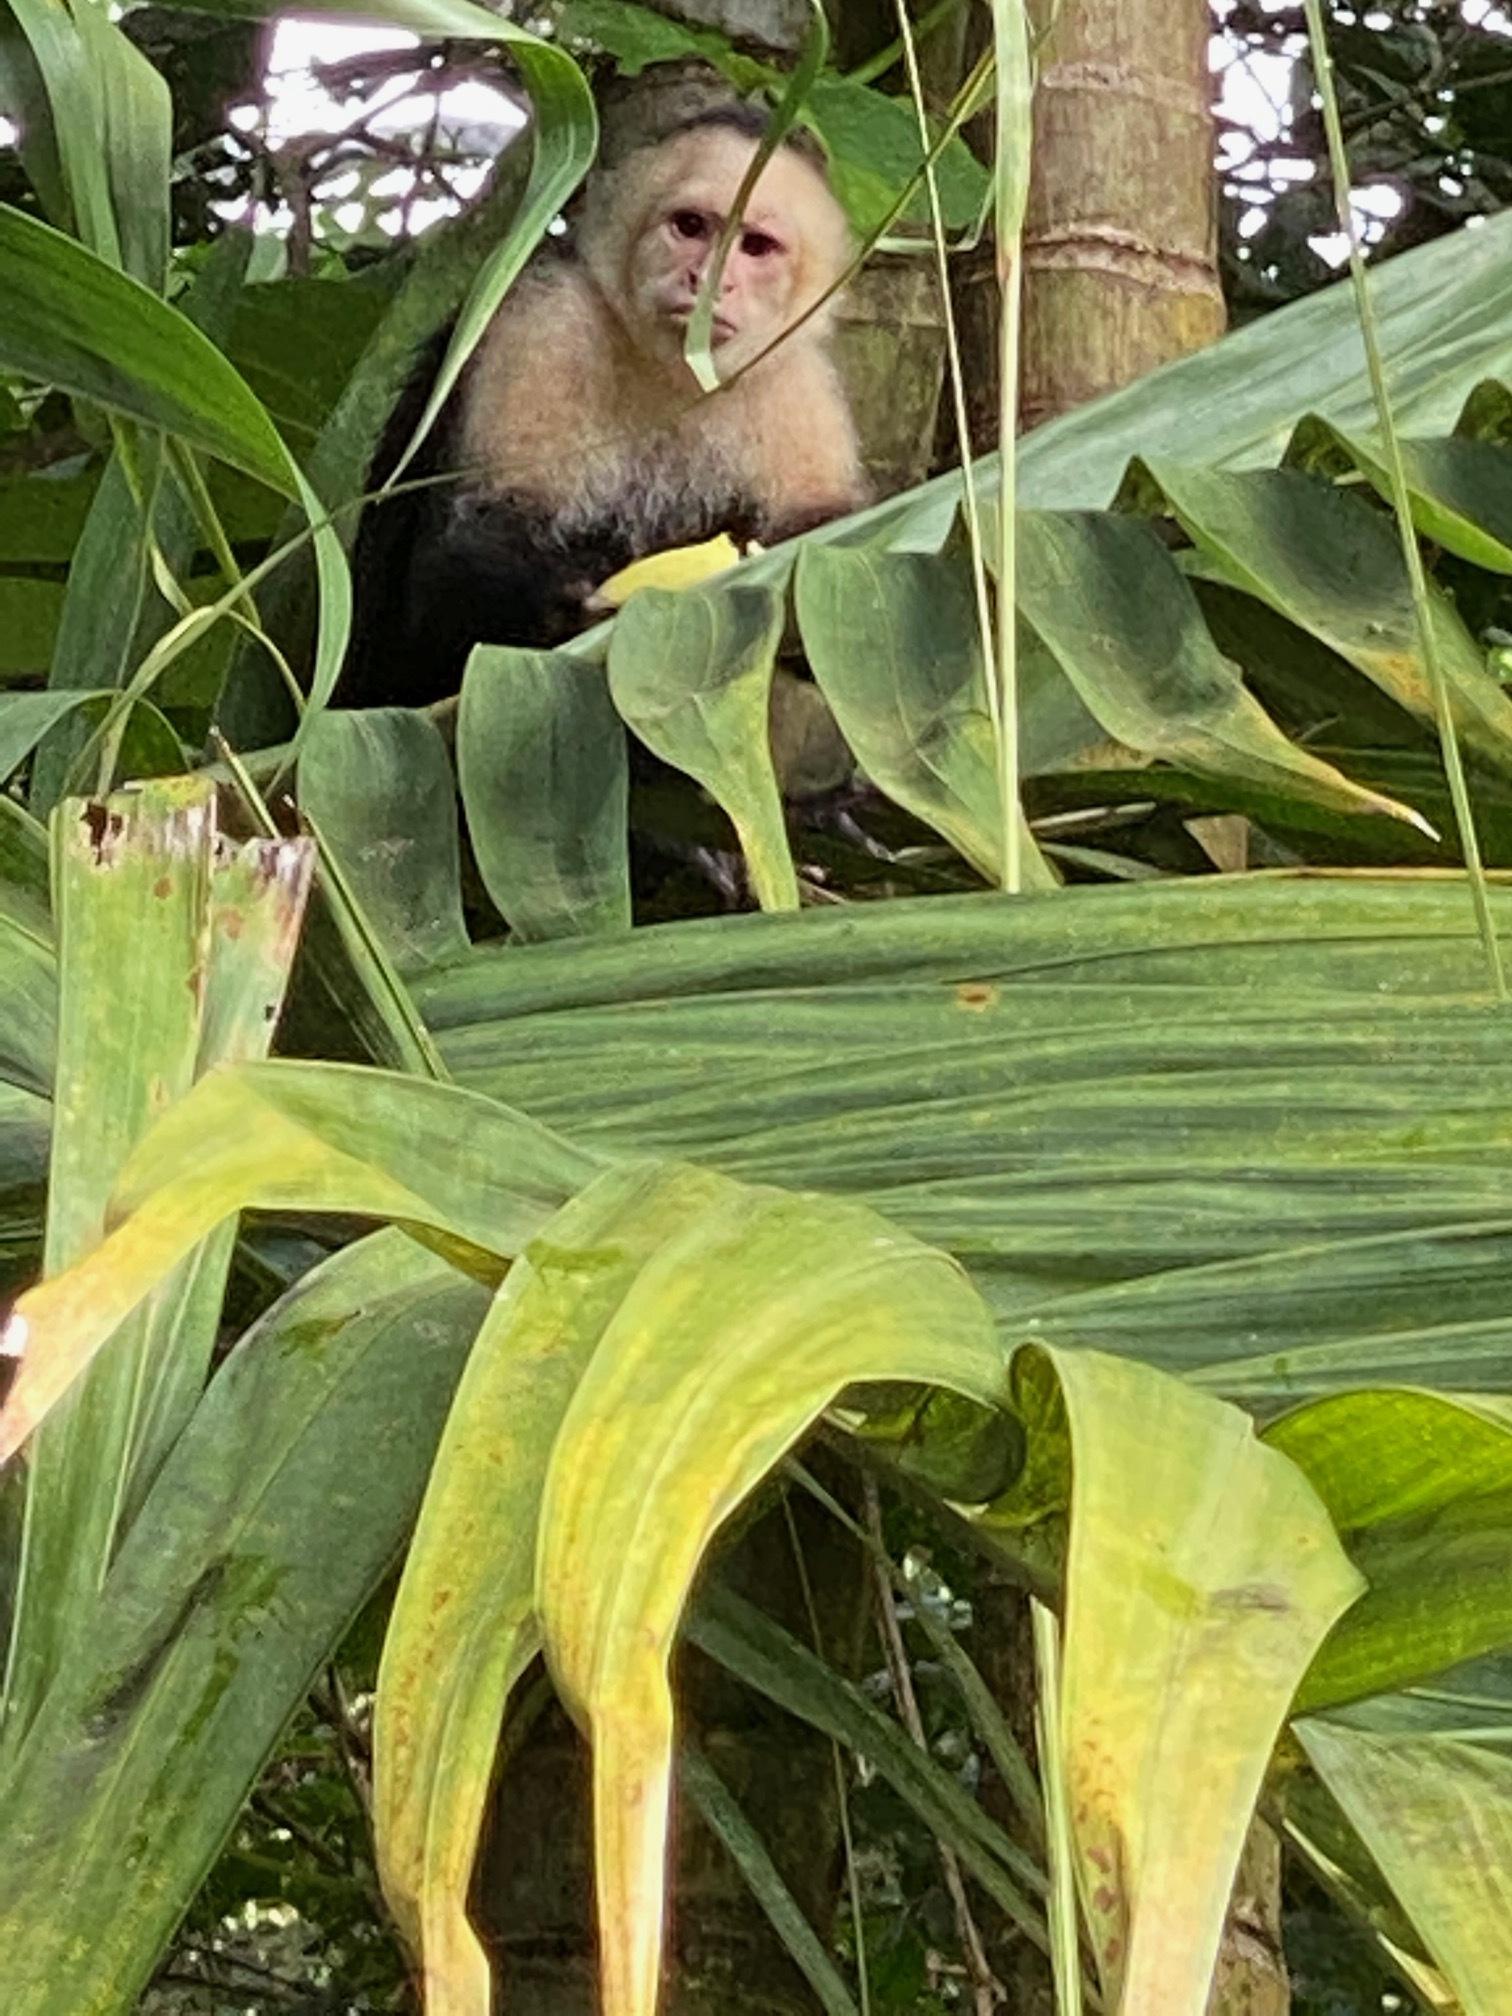 Monkey pic 1